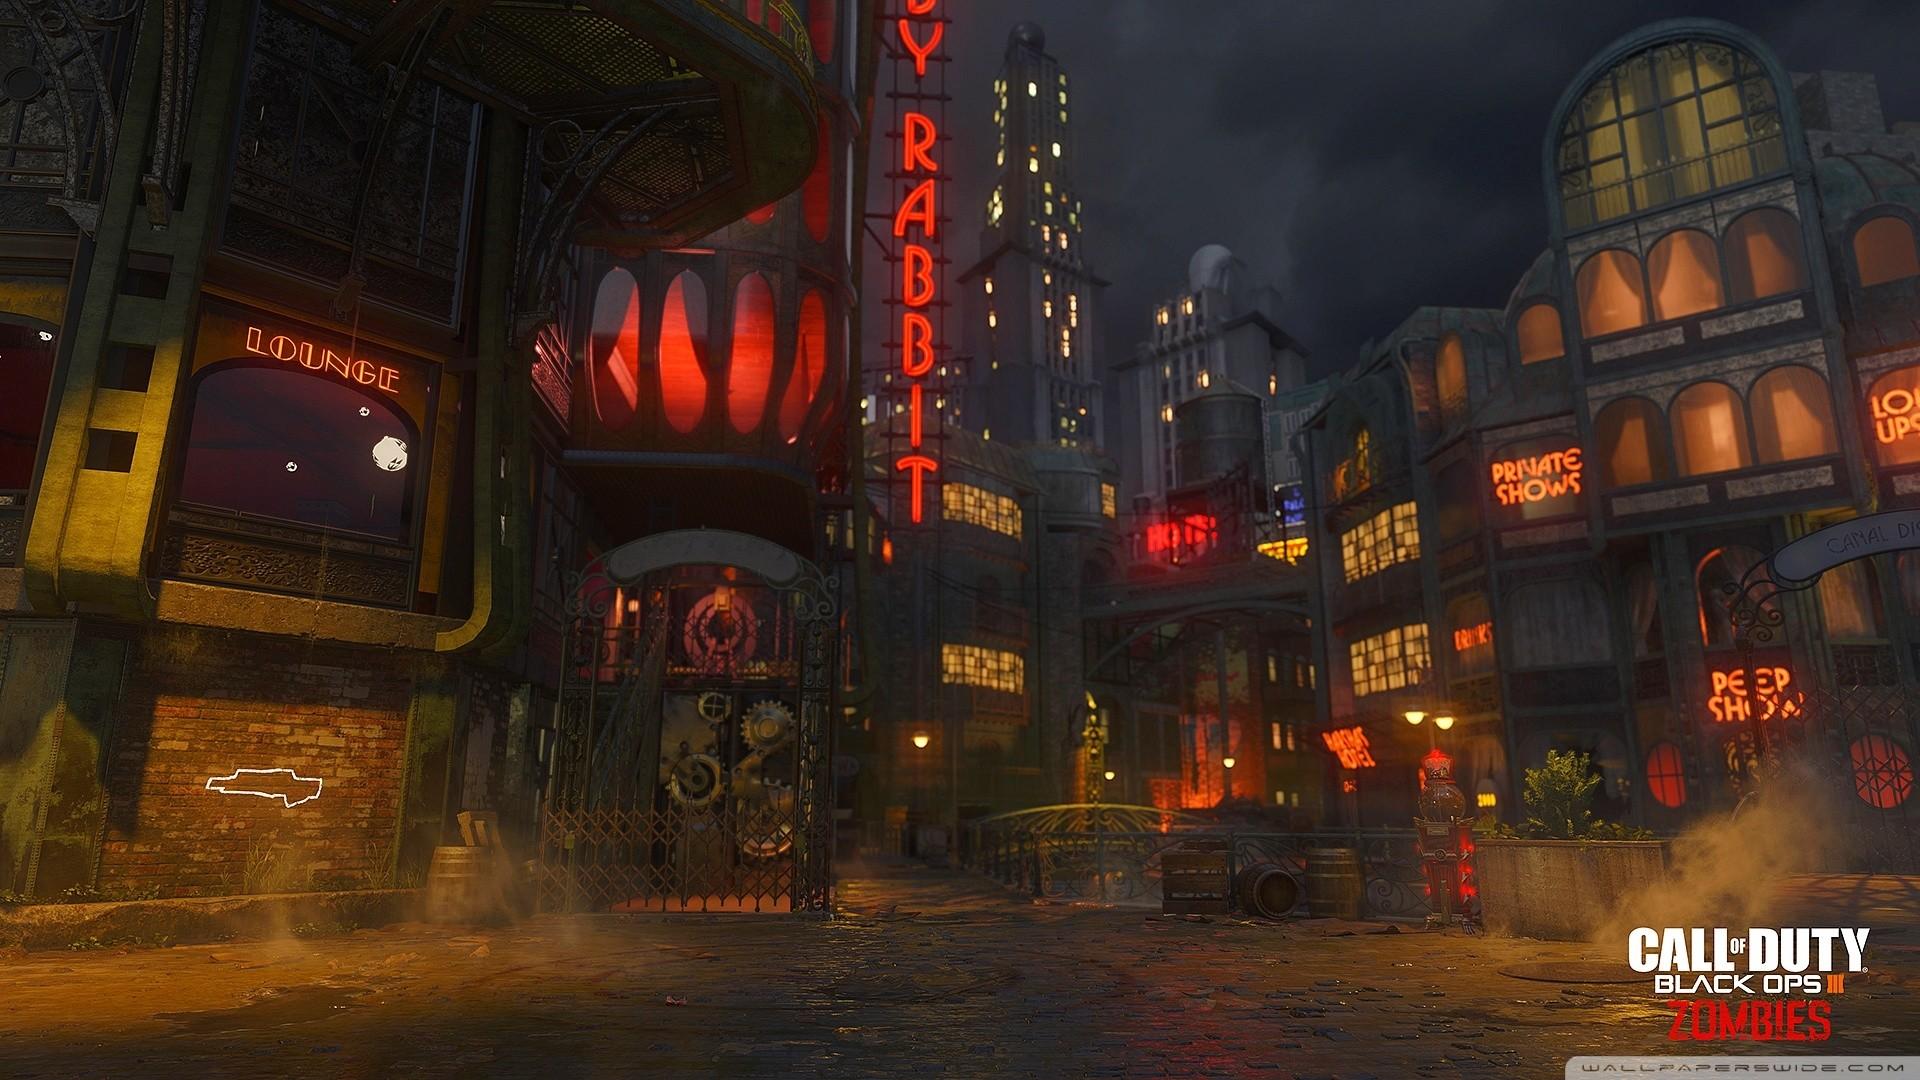 Call of Duty Zombies ZETSUBOU NO SHIMA HD desktop wallpaper